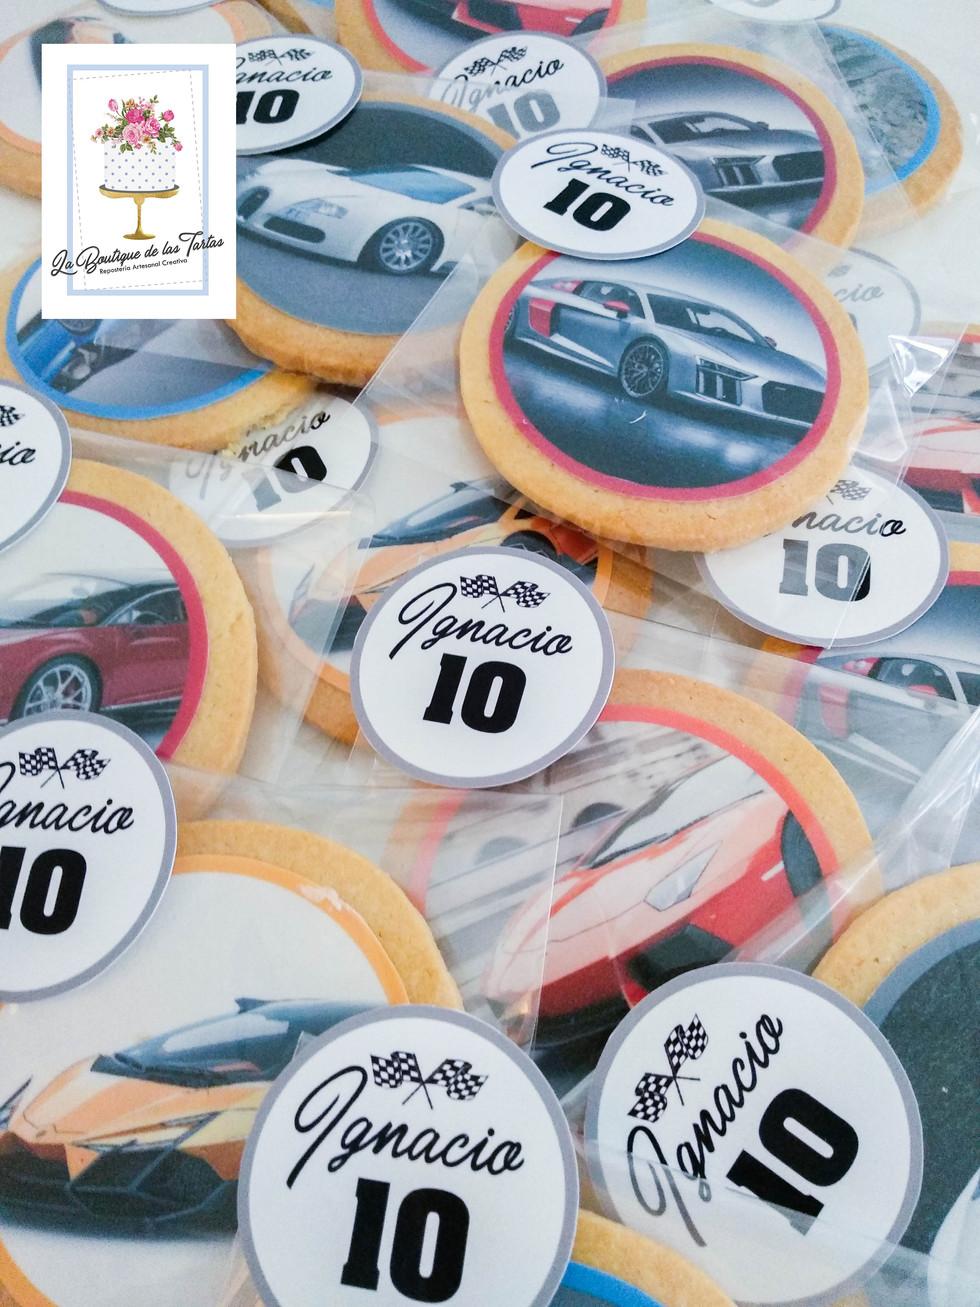 galletas coches ignacio.jpg